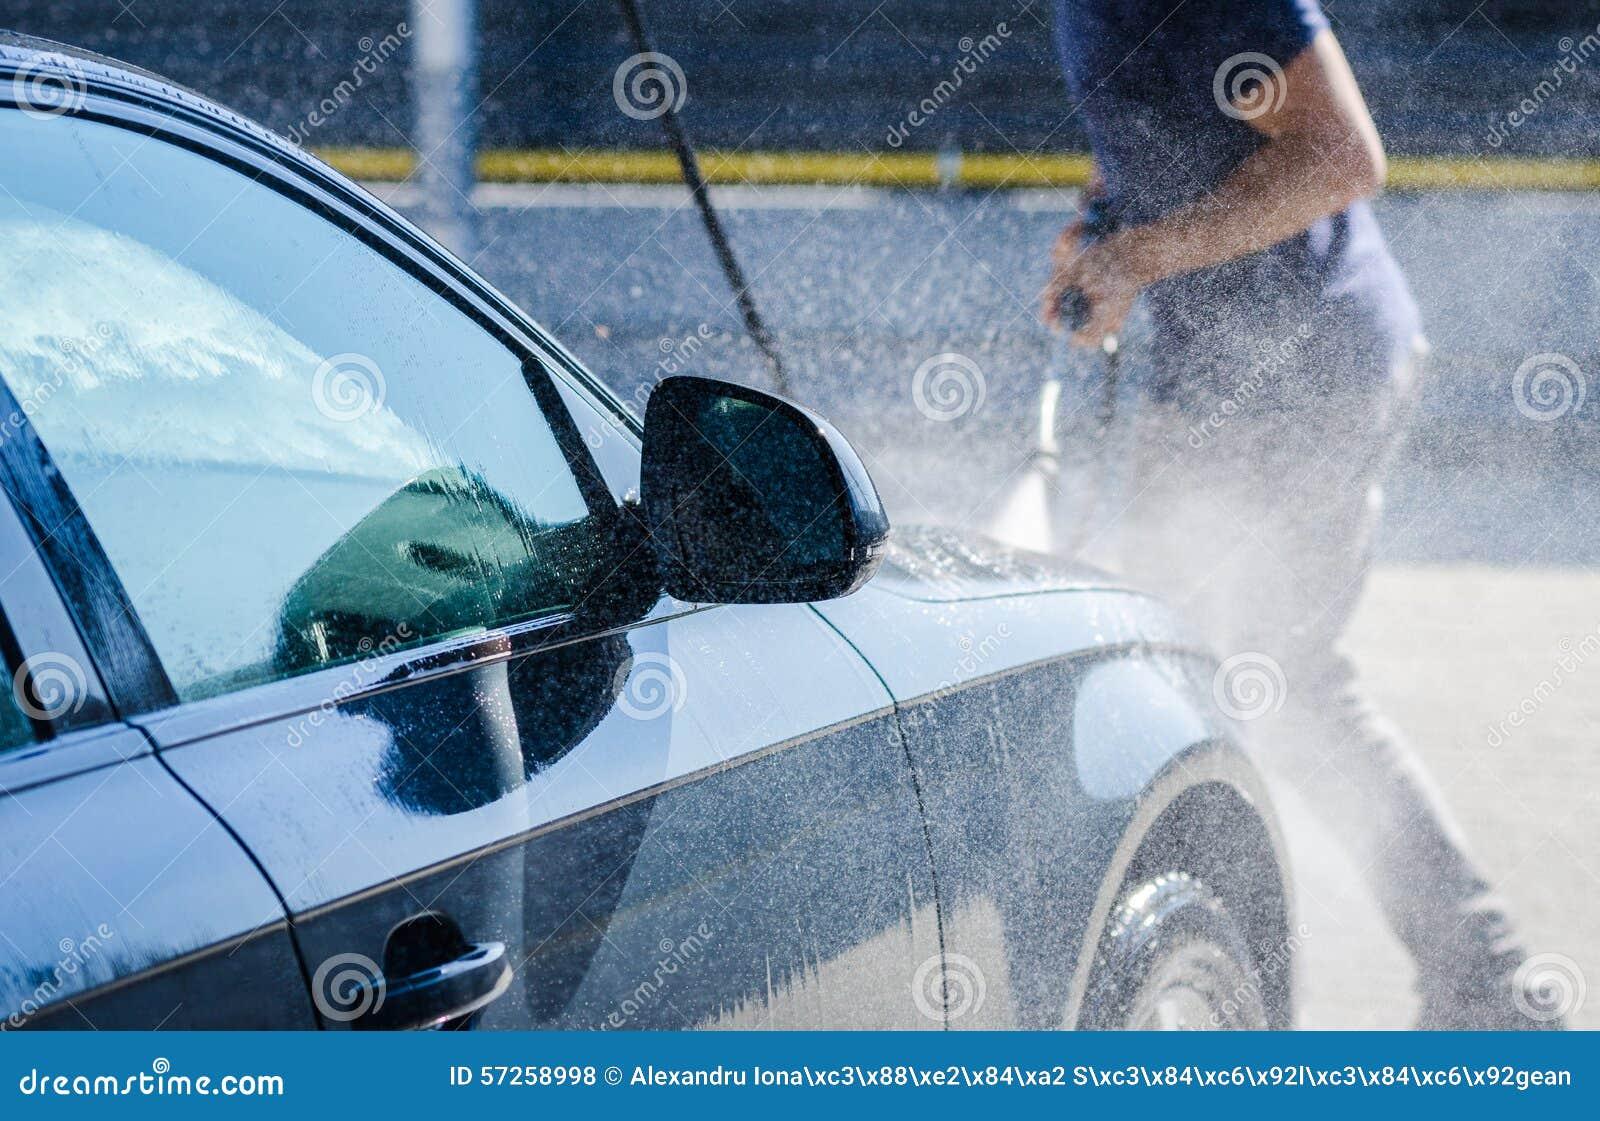 Man washing a car at the carwash